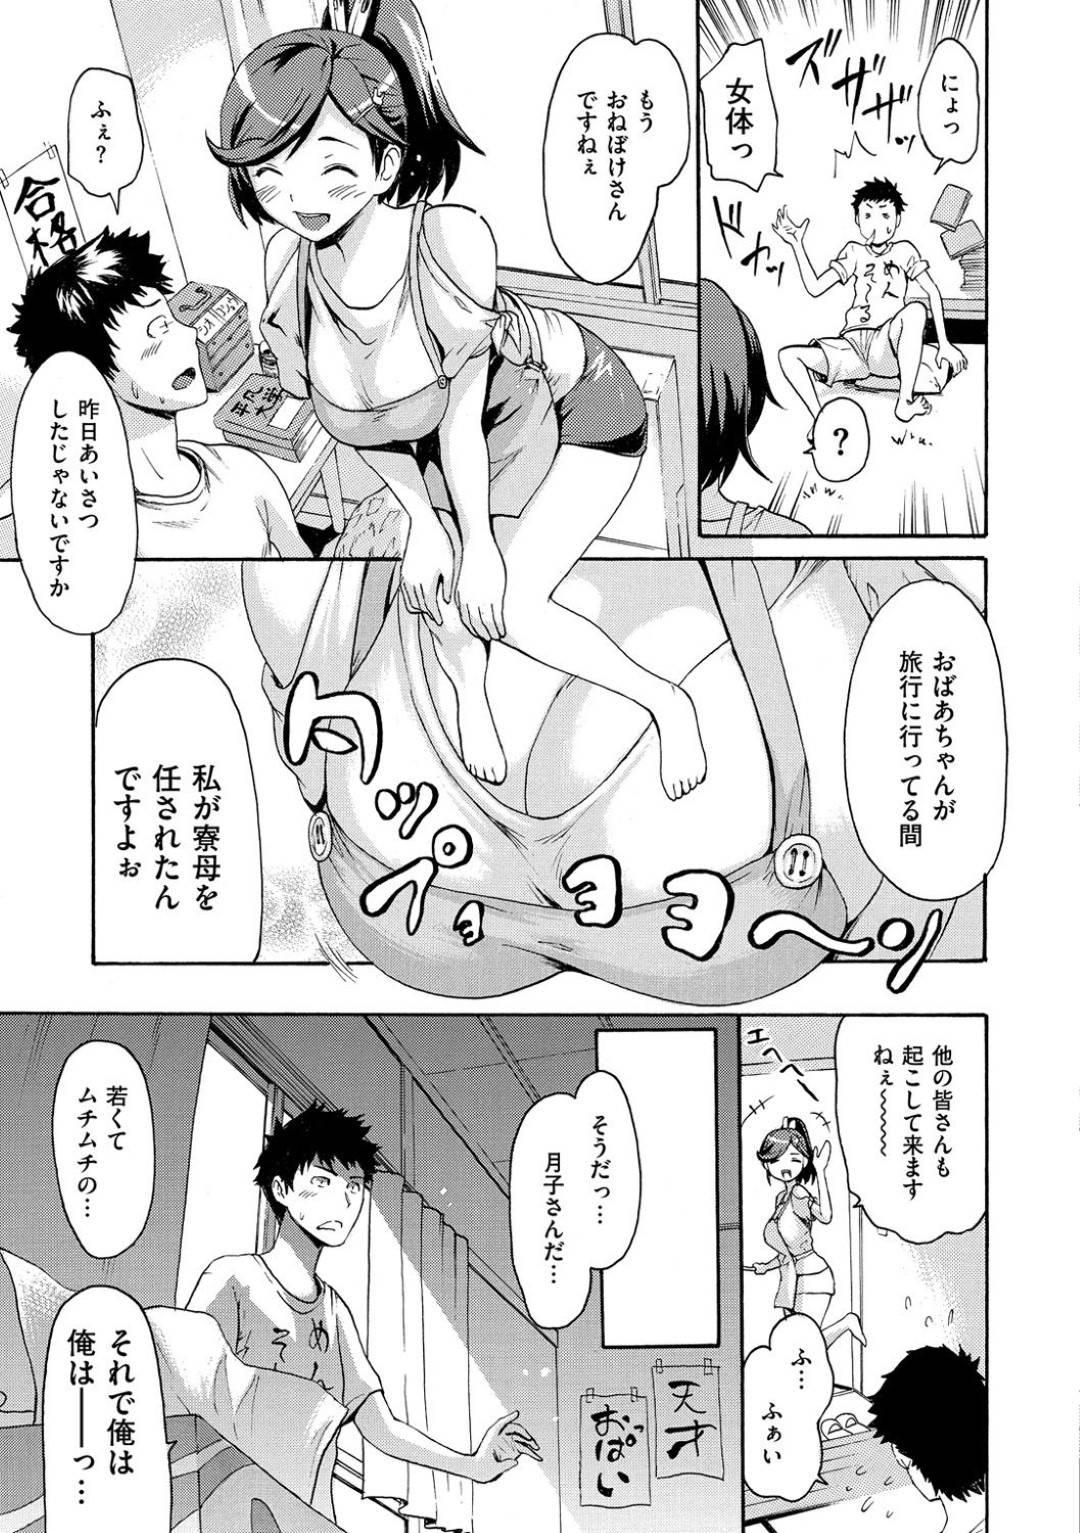 【天然寮母4Pエロ漫画】天然スケベな寮母にムラムラした学生達は夜這いすると4P中出しセックス【いーむす・アキ】